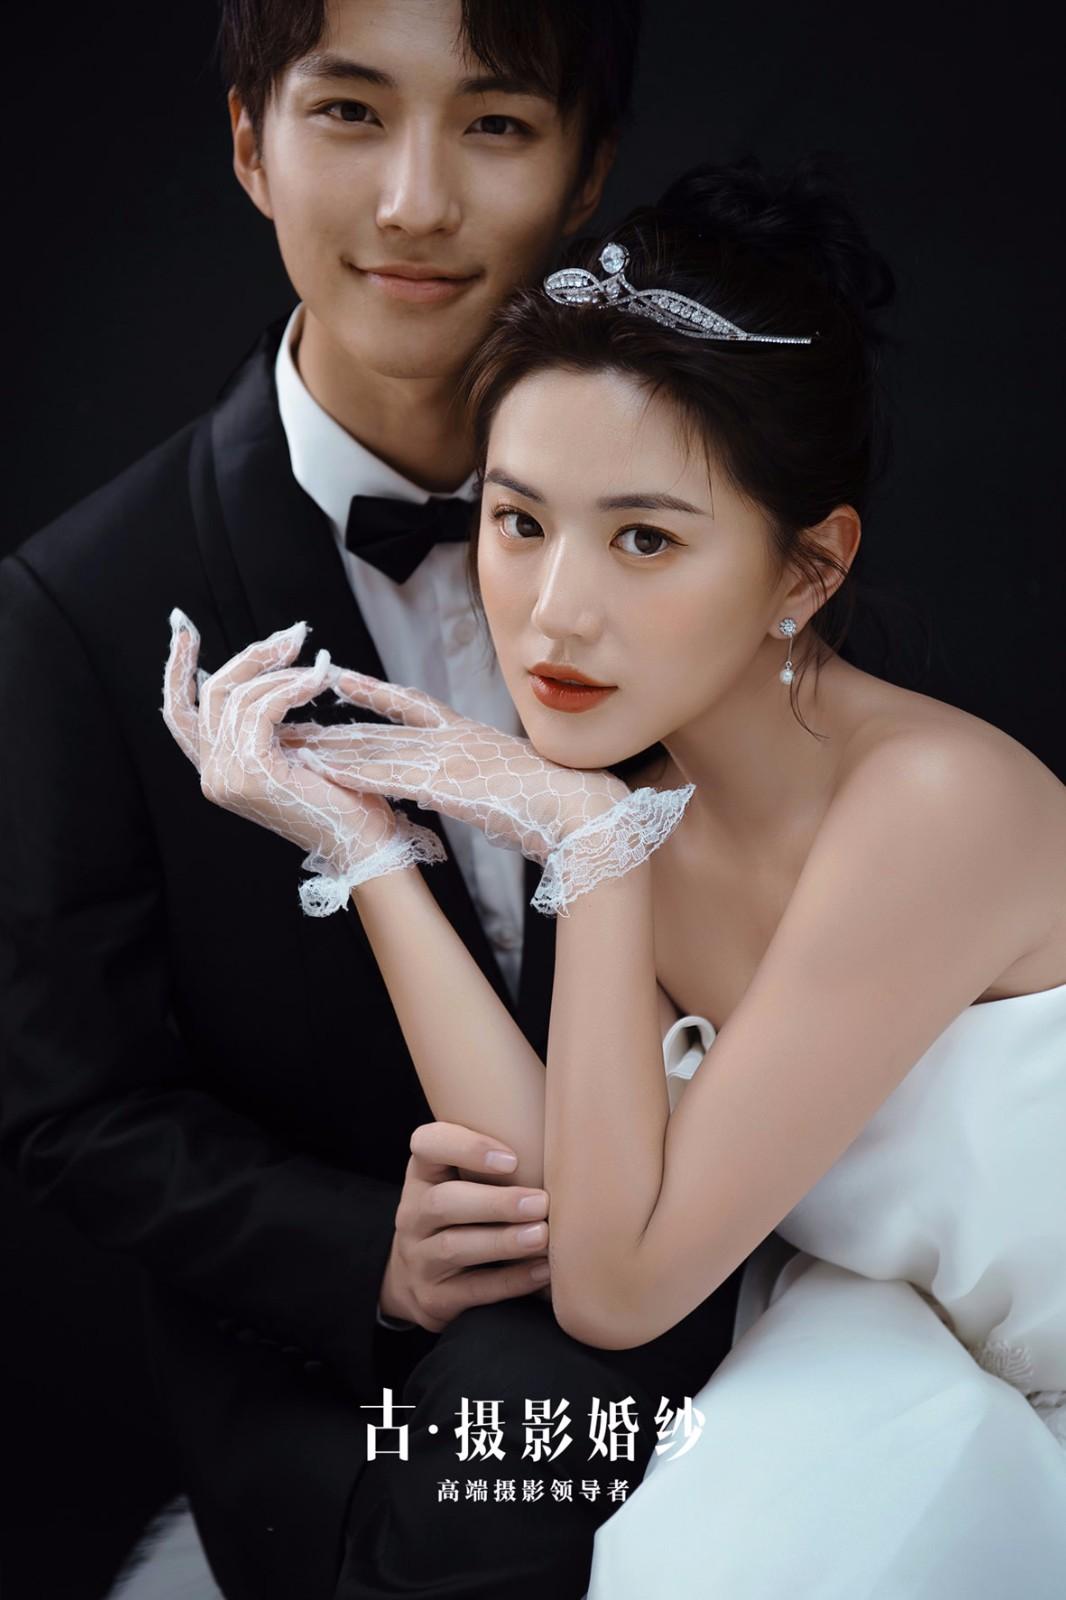 以你之爱找寻我 - 明星范 - 古摄影婚纱艺术-古摄影成都婚纱摄影艺术摄影网